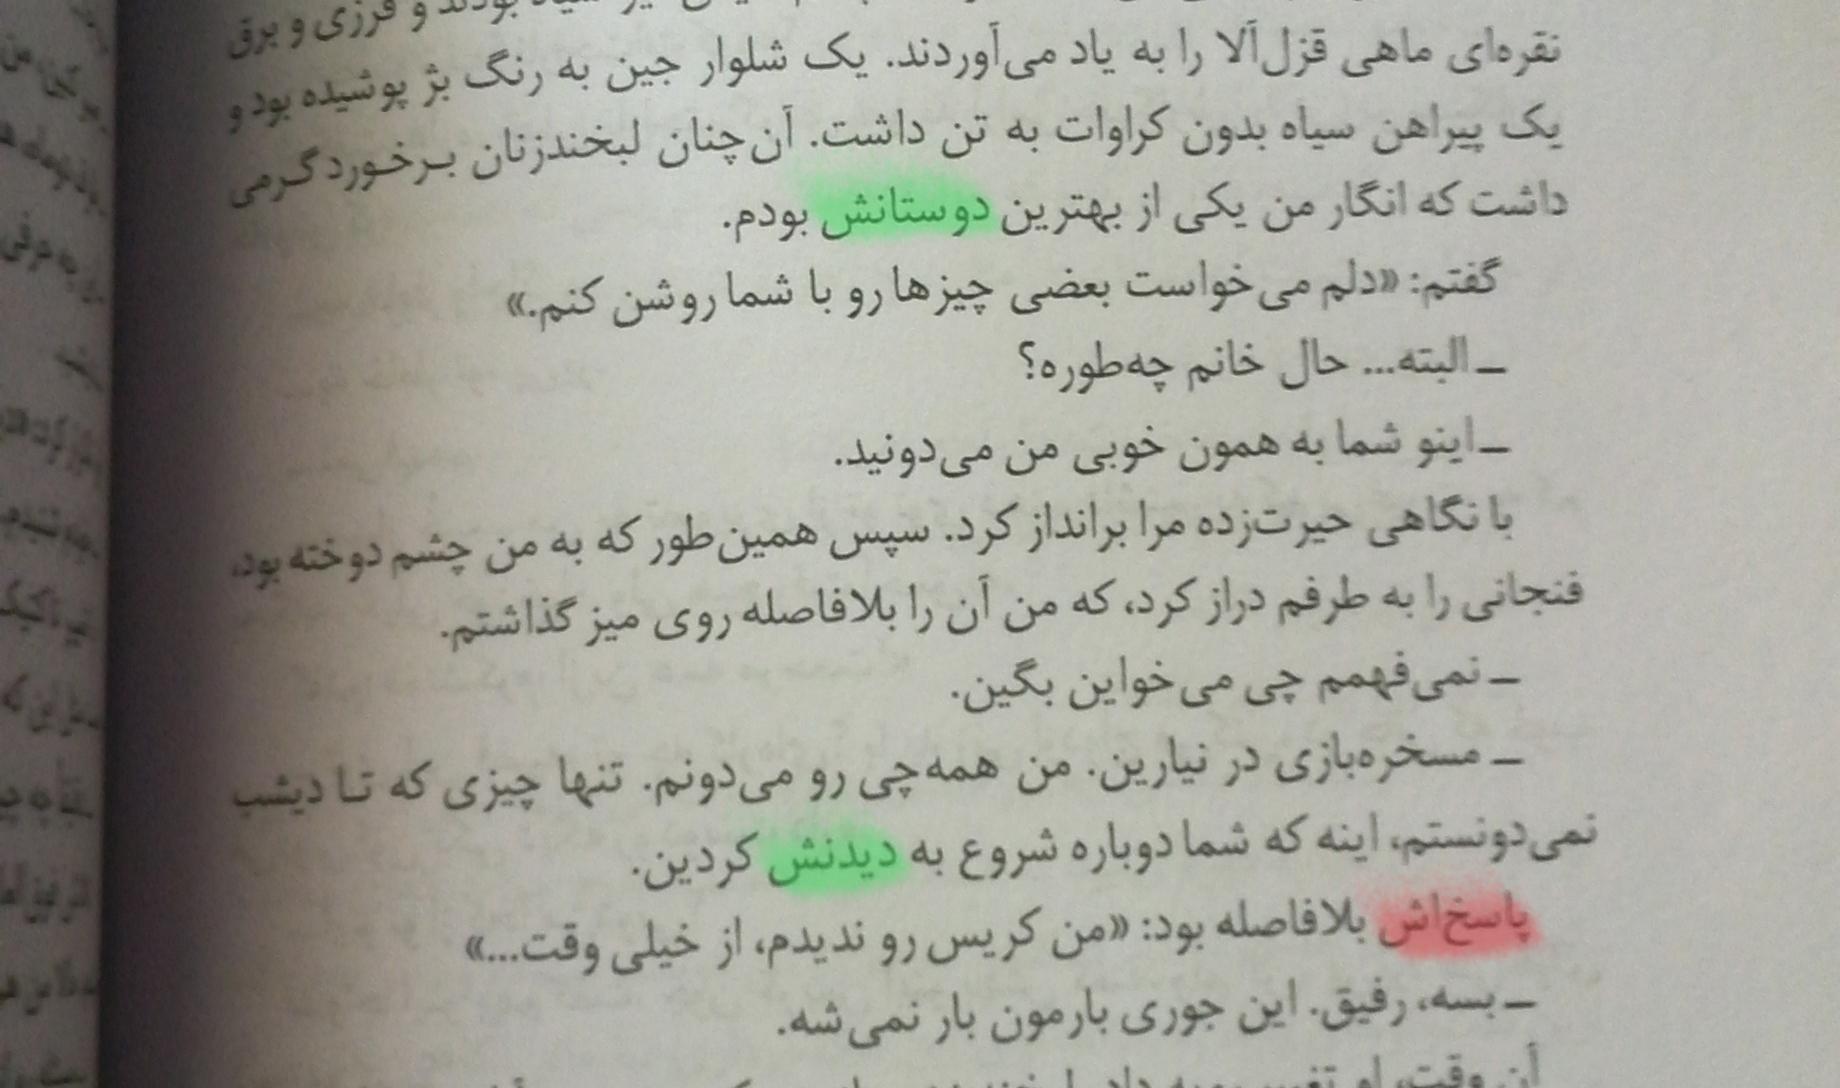 دربارۀ نادرستی یک ابداع در خط فارسی